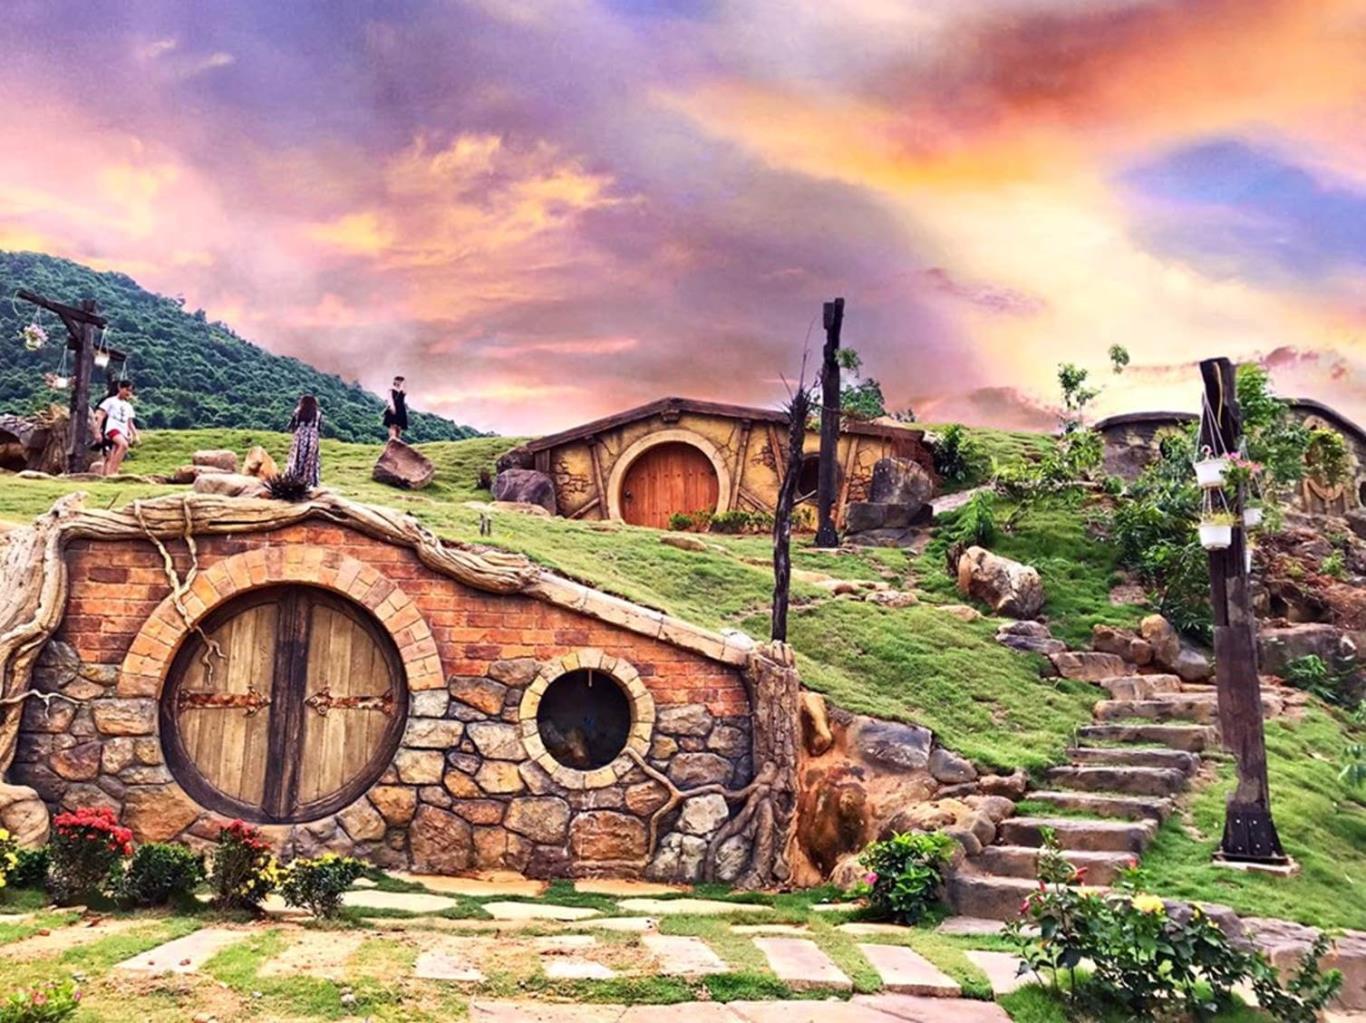 The Hobbit houses inside the resort